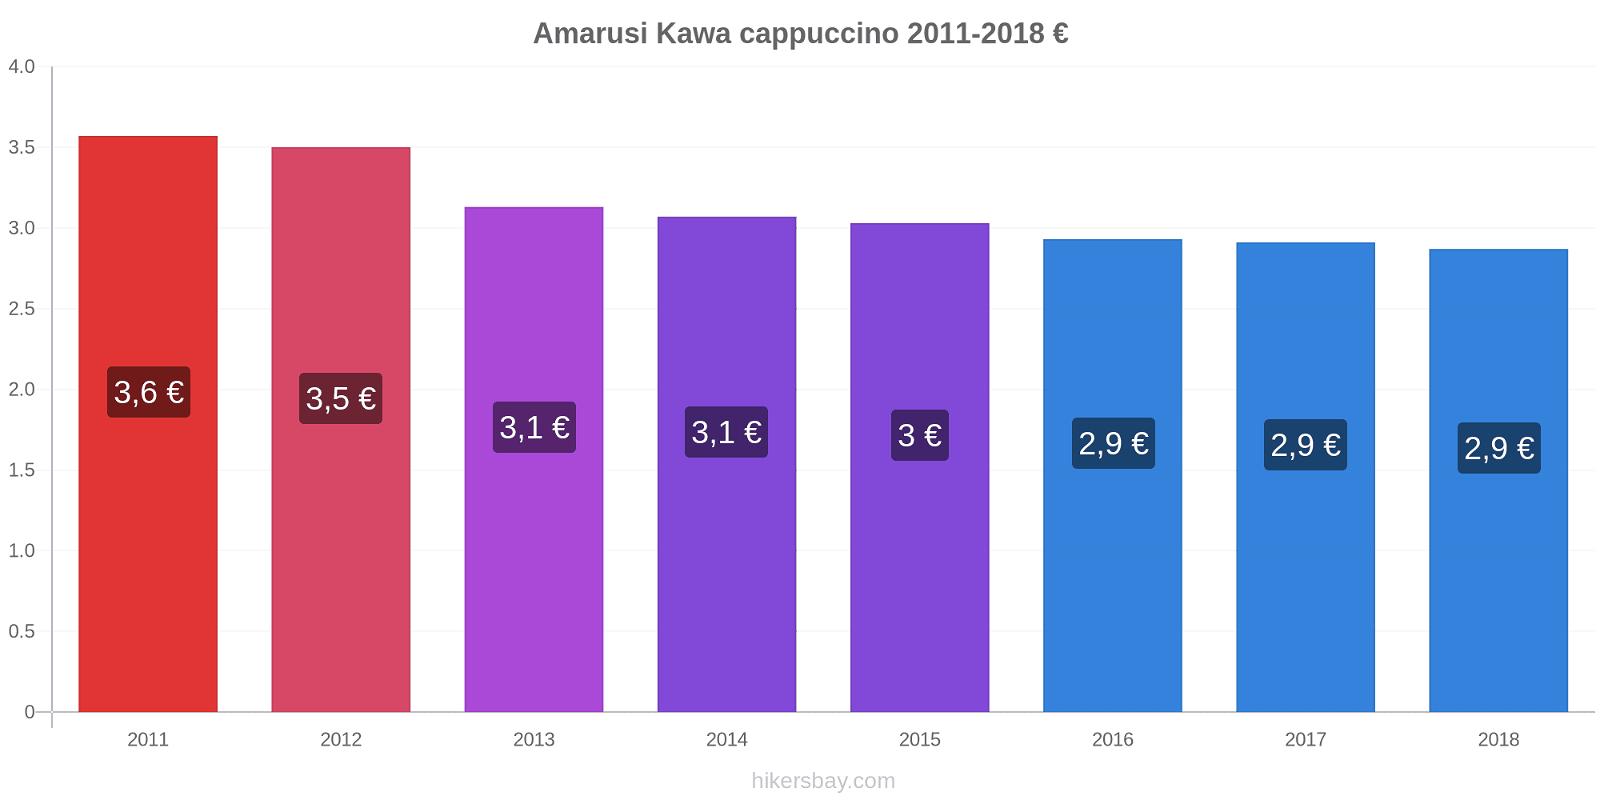 Amarusi zmiany cen Kawa cappuccino hikersbay.com